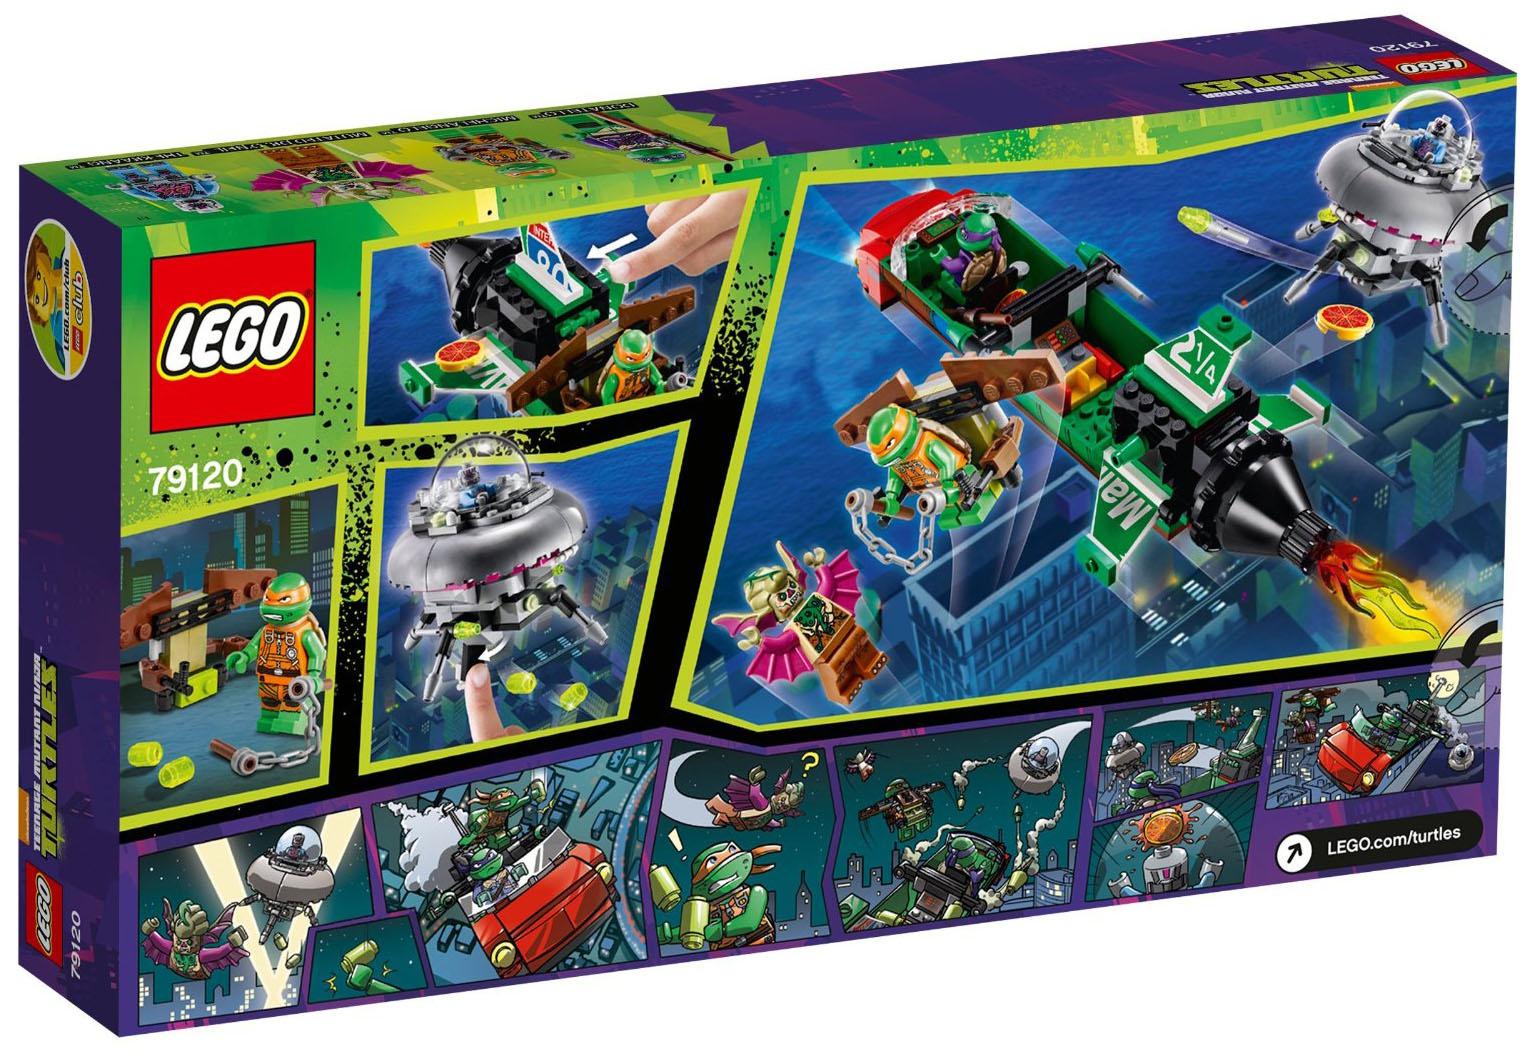 Lego tortues ninja 79120 pas cher l 39 attaque a rienne en for Repere des tortue ninja